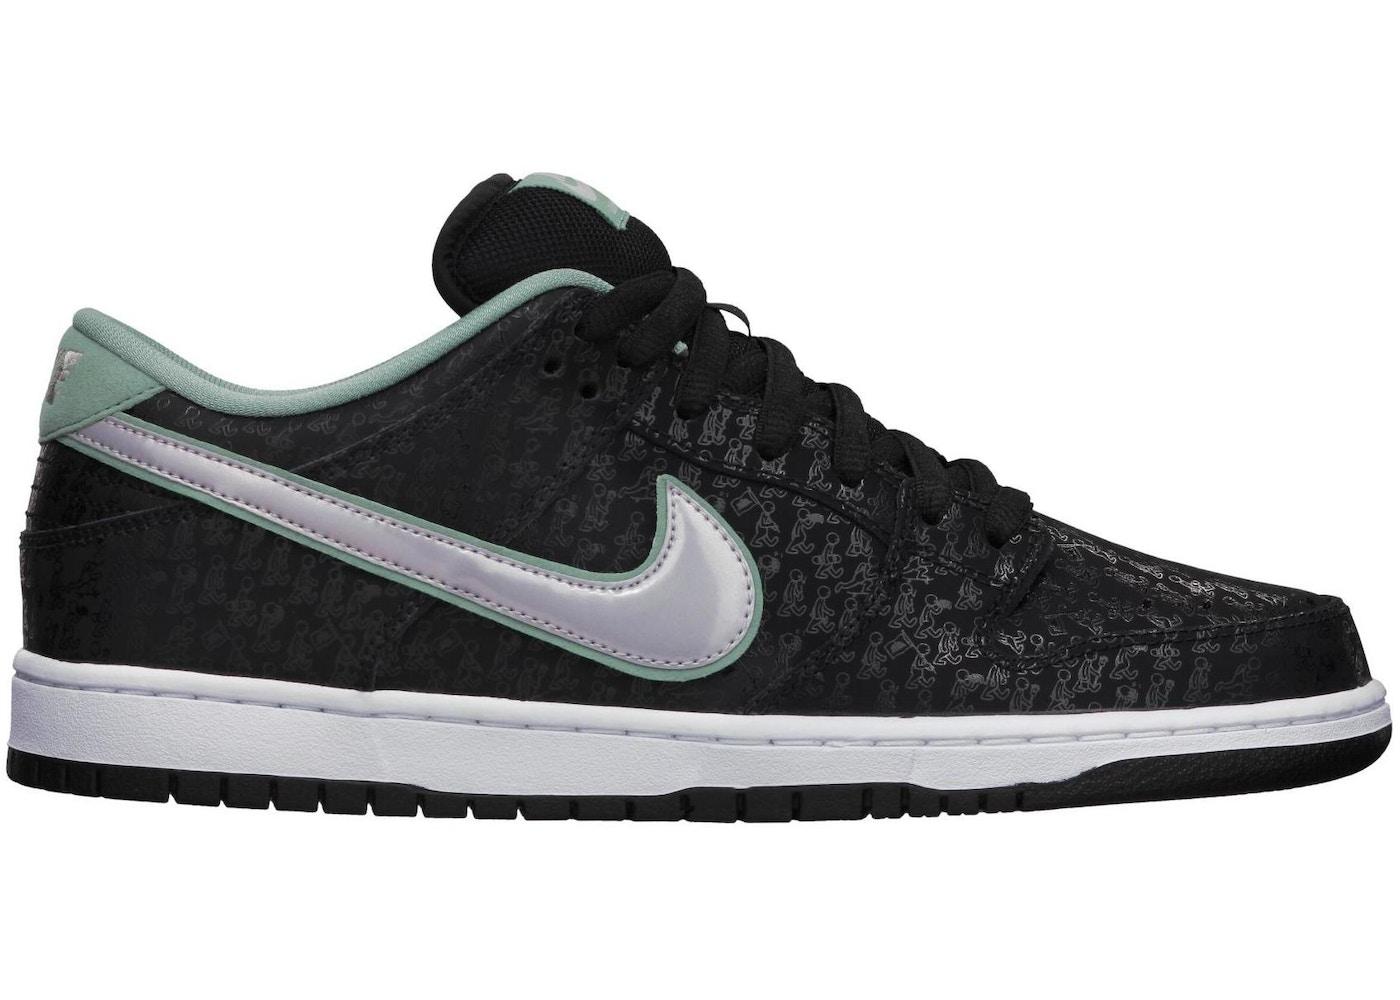 new arrival 6c41f 534e3 Nike Dunk SB Low S.P.O.T. x Lance Mountain - 573901-002